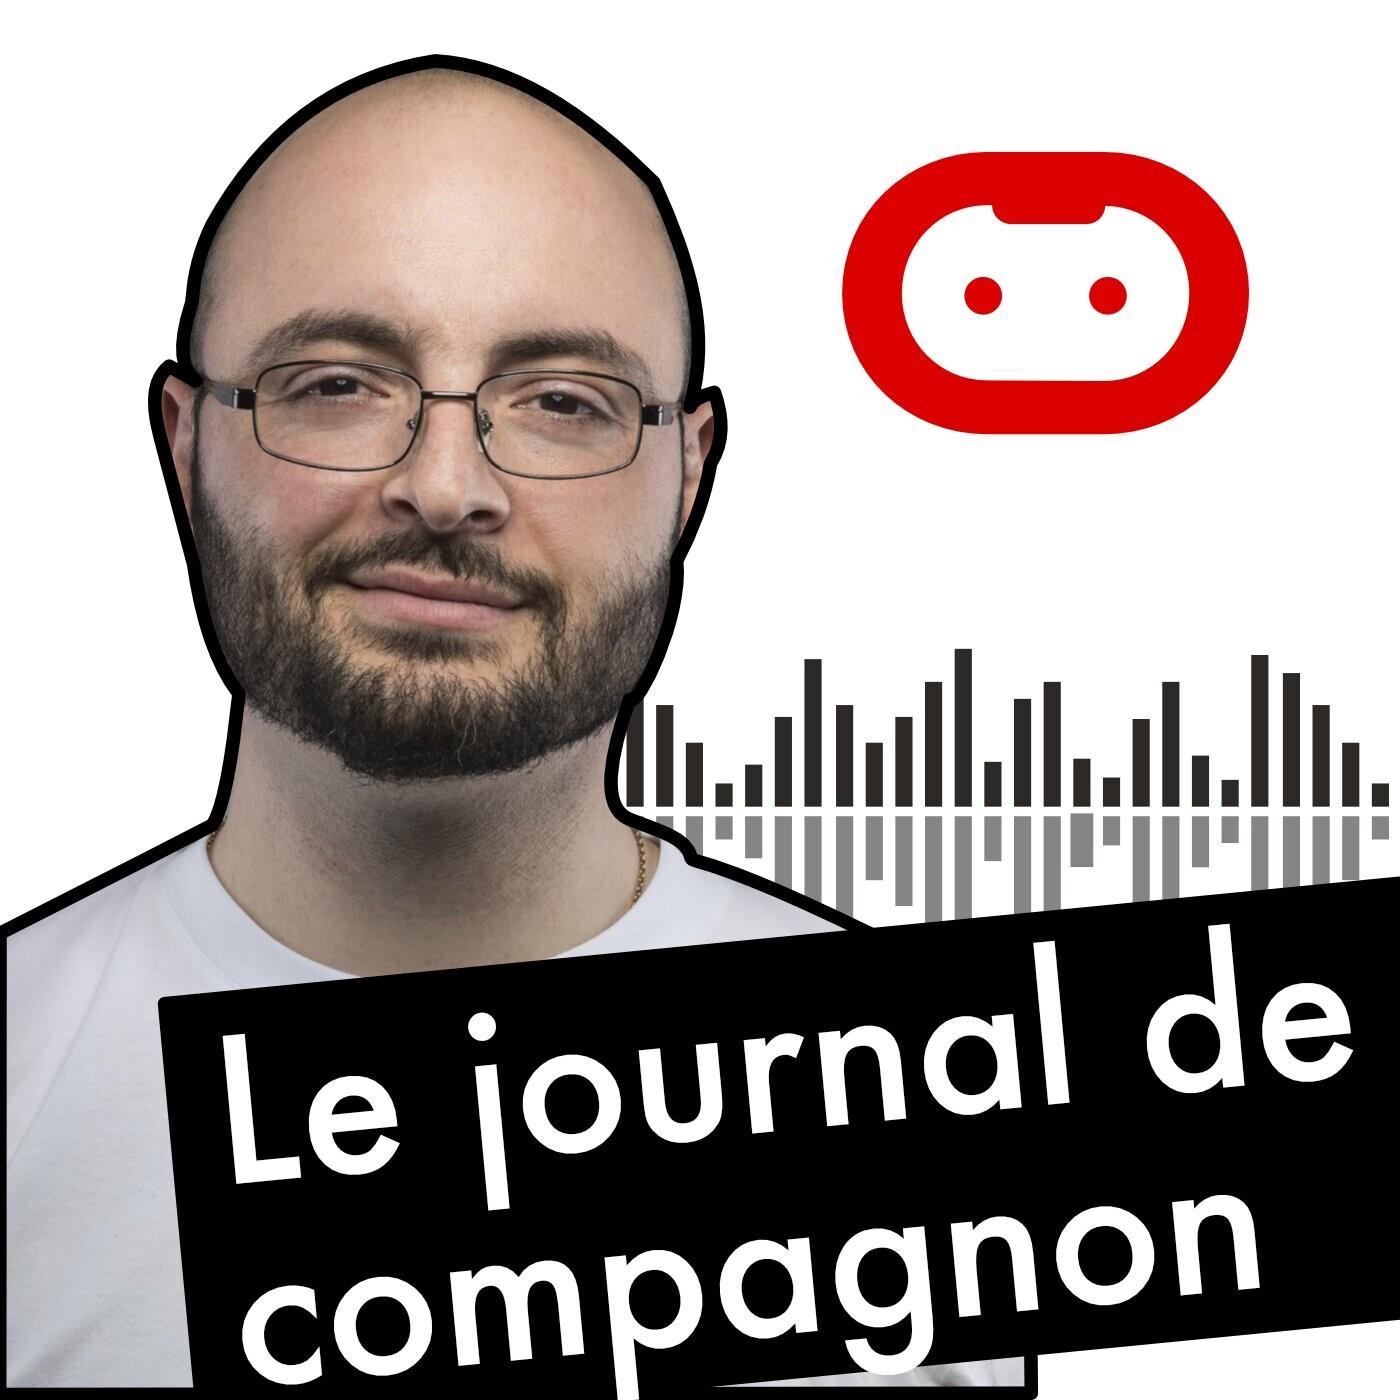 Journal de compagnon #6